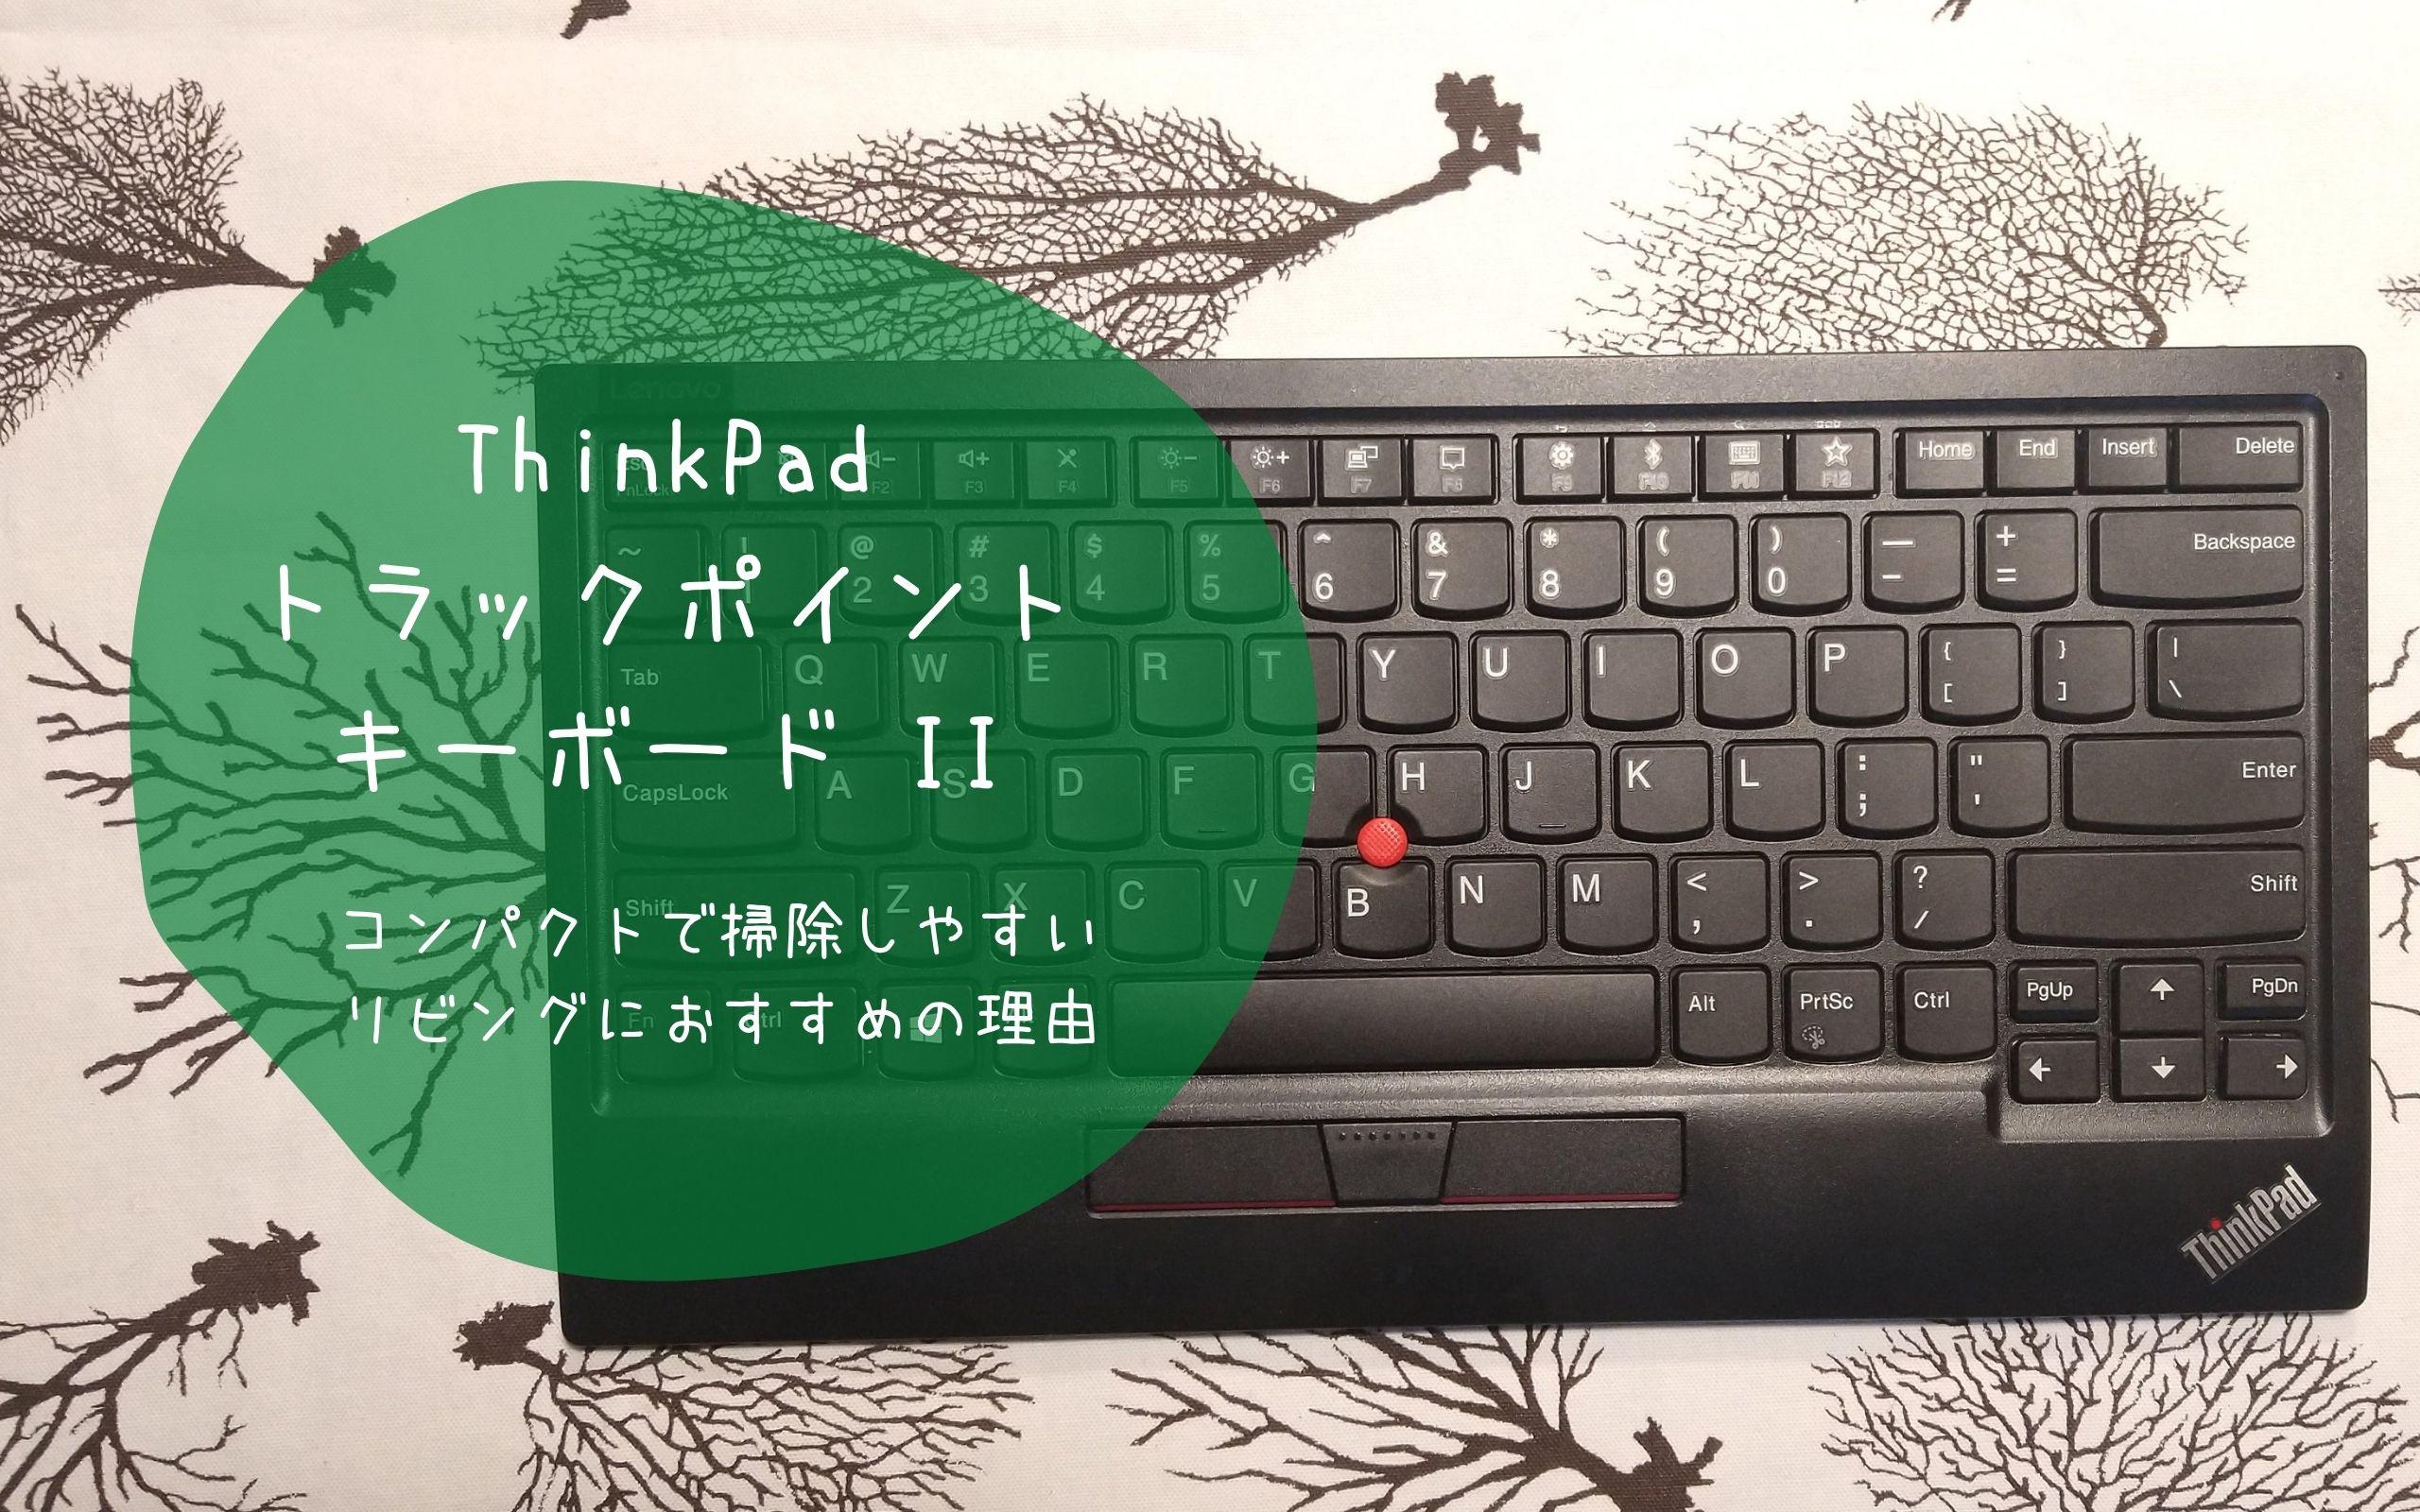 ThinkPadトラックポイント キーボード II レビュー